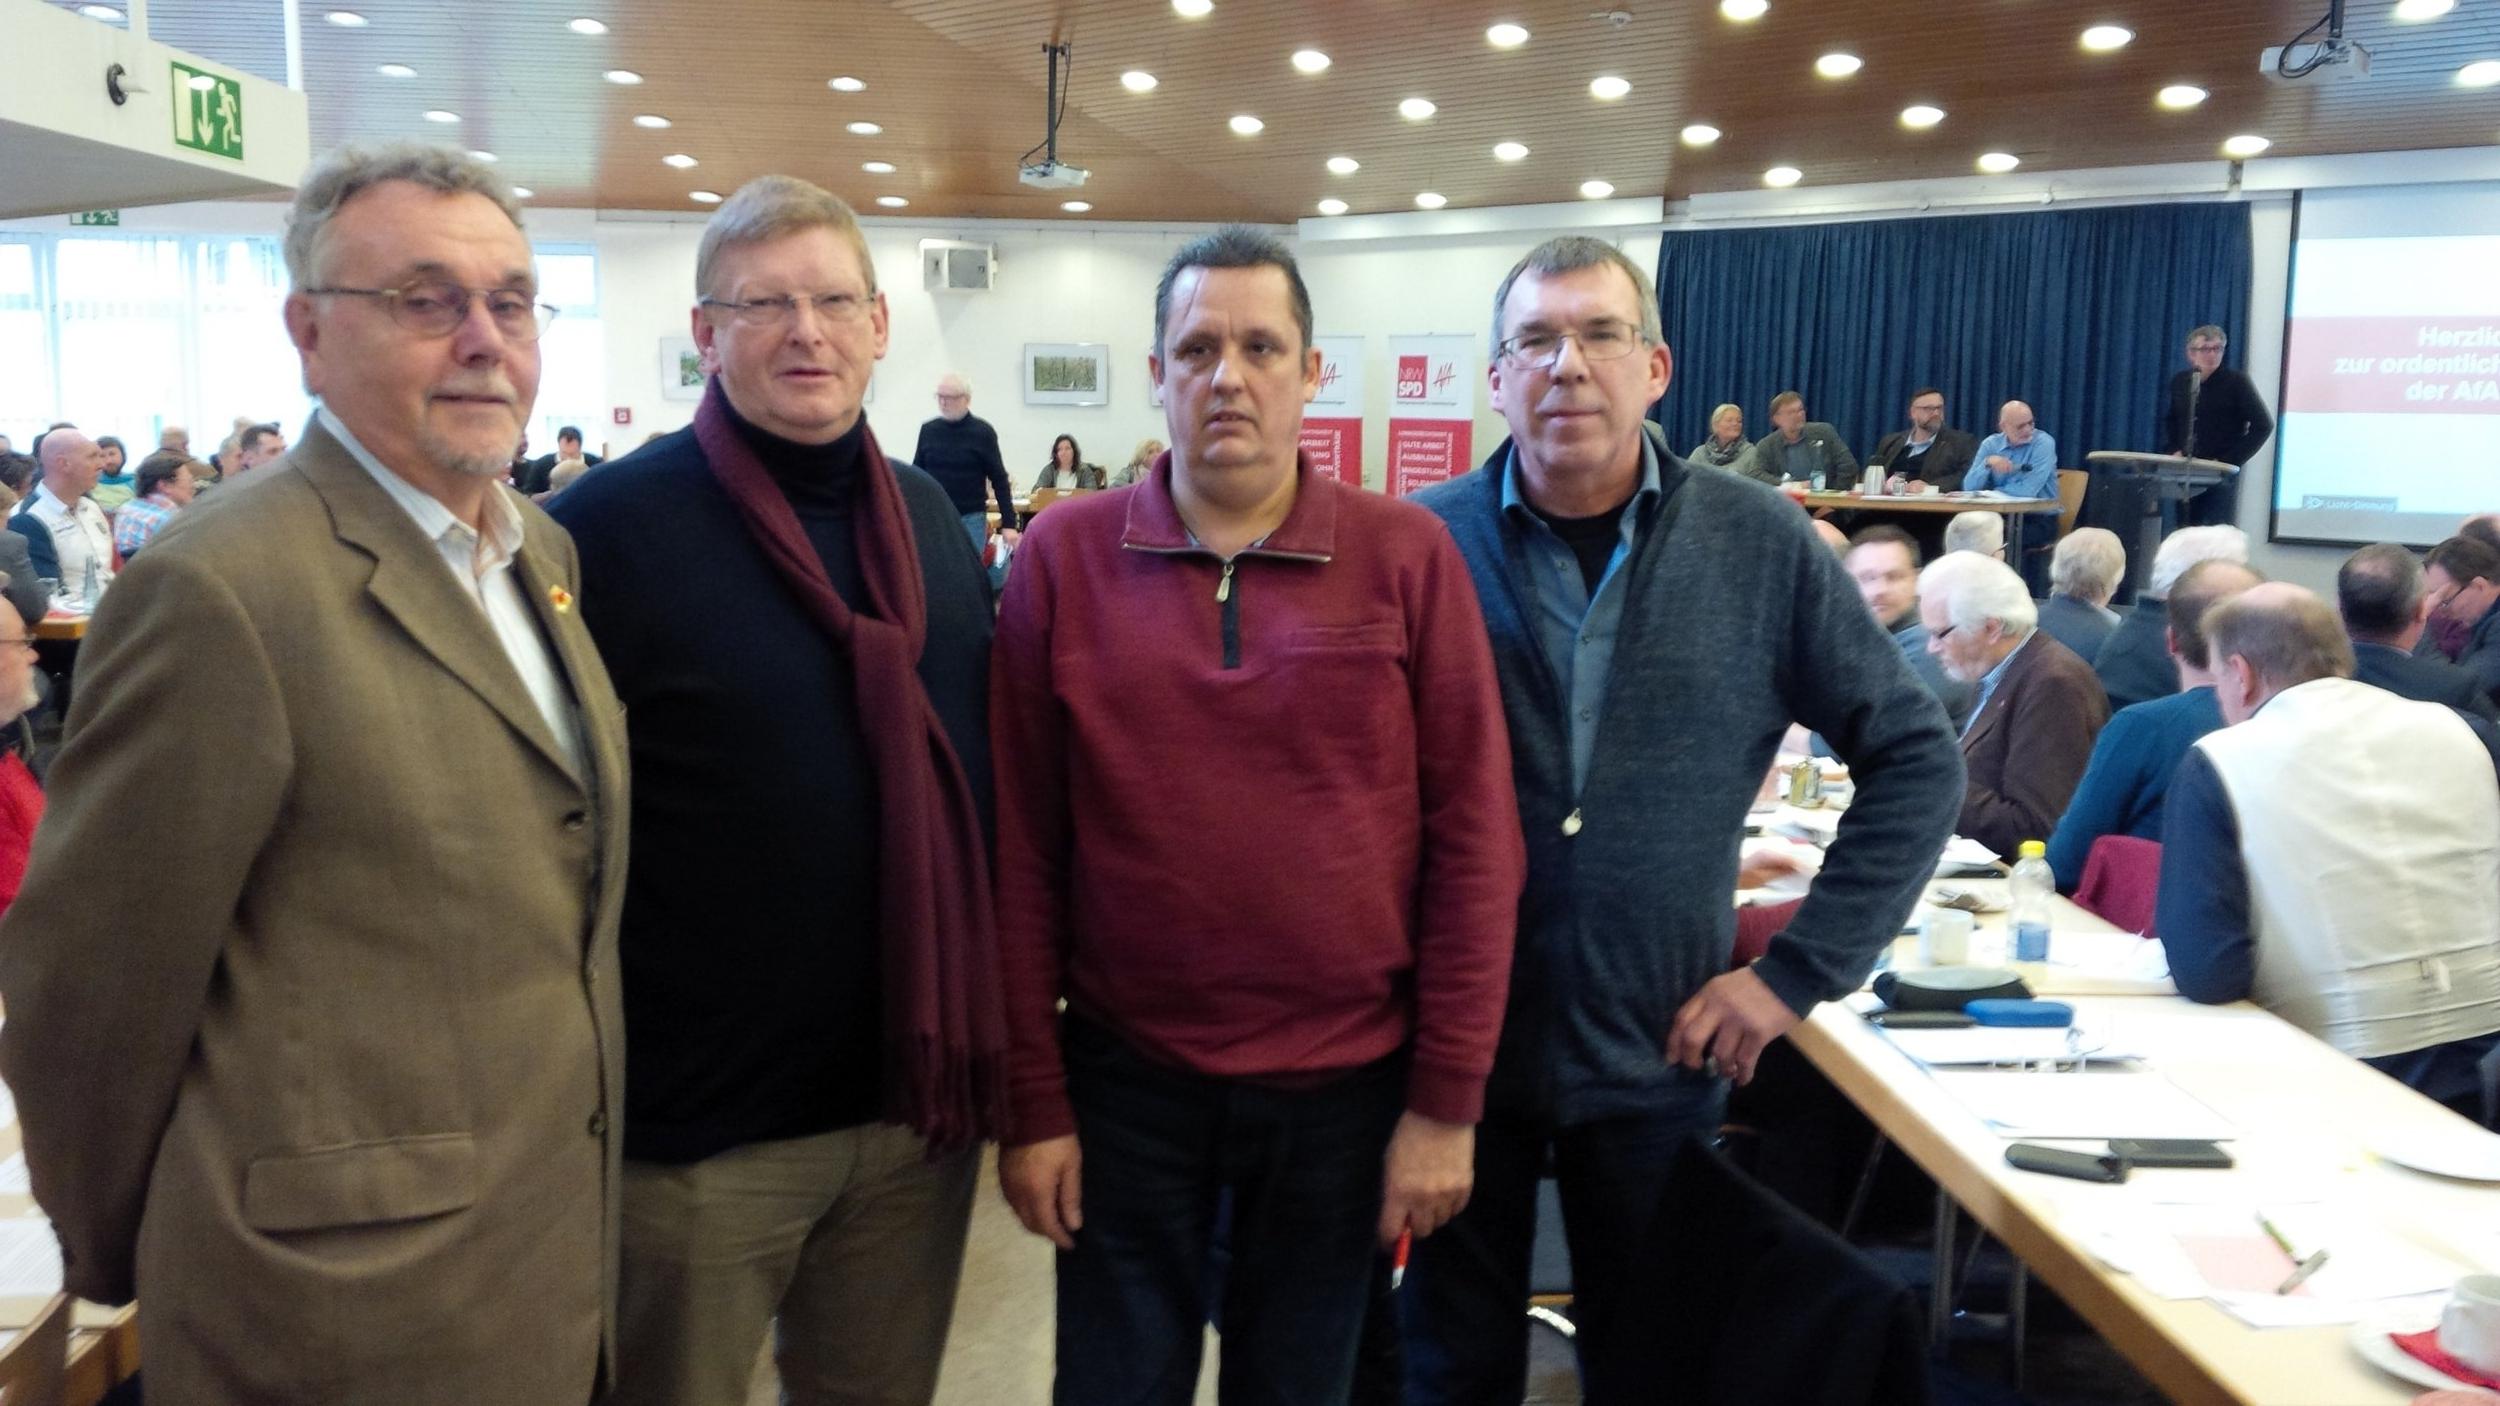 Die Bielefelder AfA-Delegation auf der AfA-Landeskonferenz am 27. Januar 2018 in Gelsenkirchen (von links):  Bernd Lind, Gert Hundt, Andreas Lindenhoven und Reinhard Wellenbrink.  Lindenhoven und Wellenbrink gehören auch der NRW-Delegation zur AfA-Bundeskonferenz vom 27. bis 29. April 2018 in Nürnberg an.